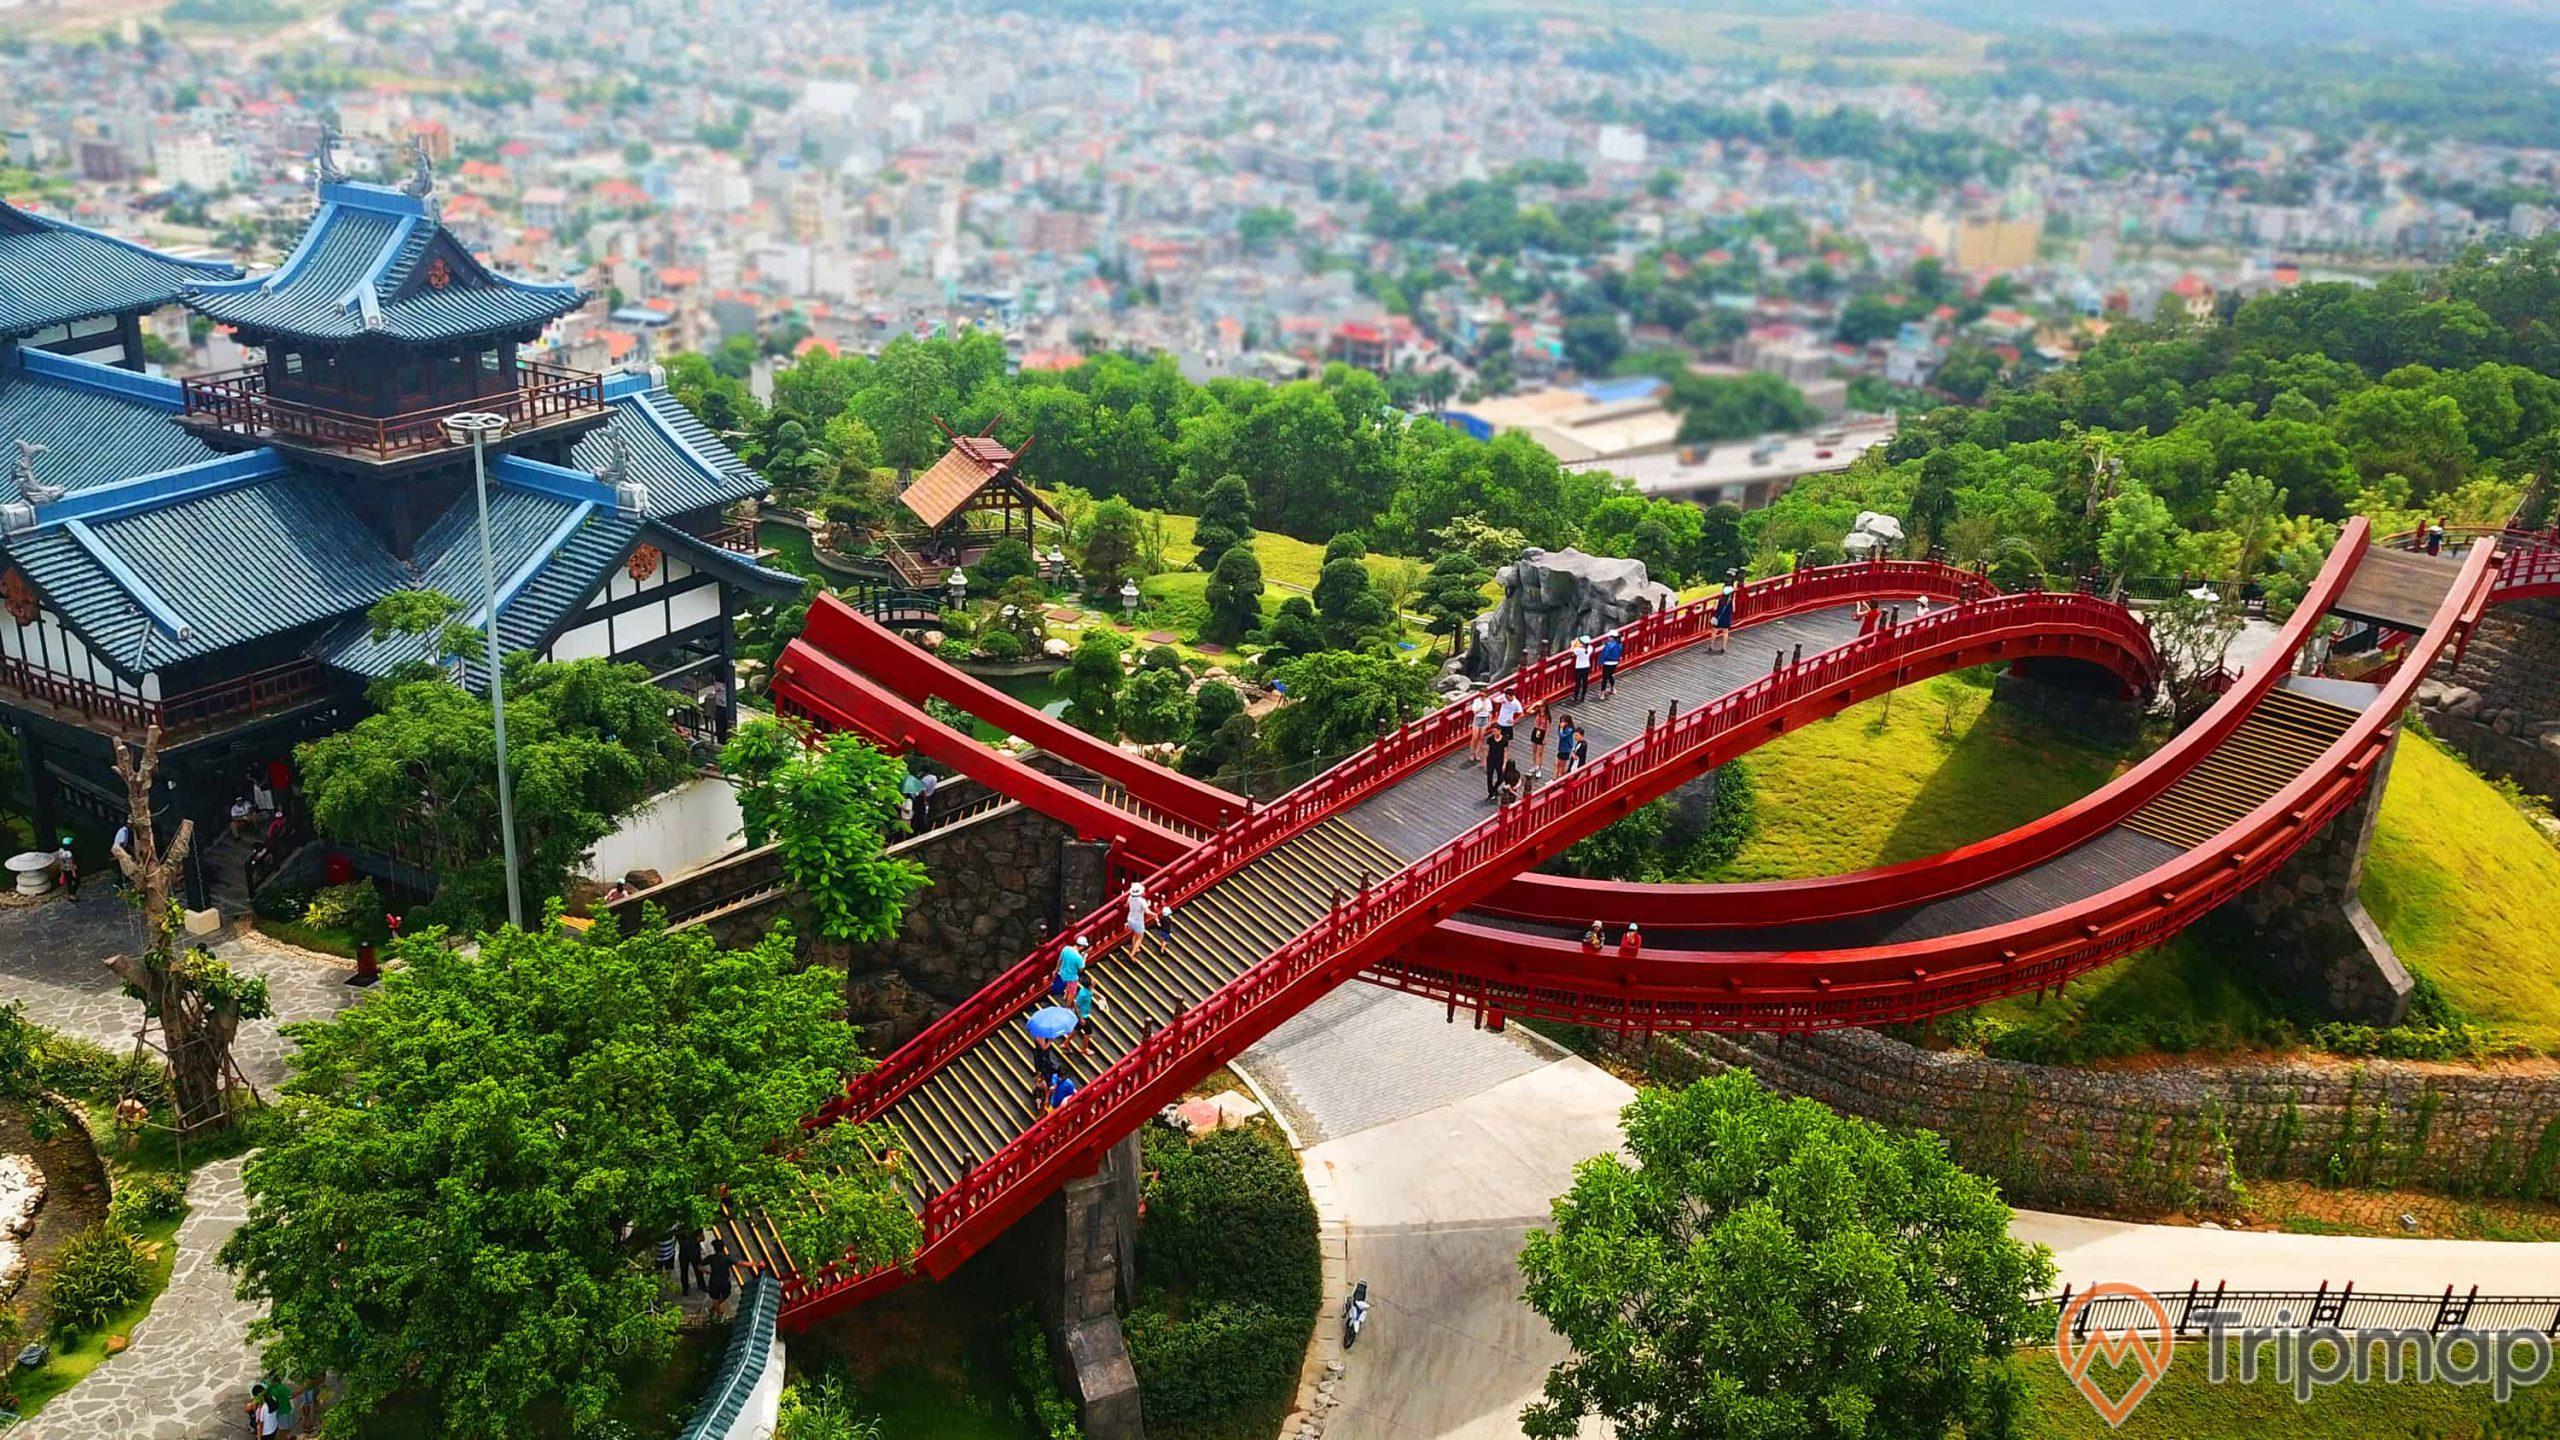 Kiến trúc Cầu Koi mang đậm màu sắc văn hóa Nhật